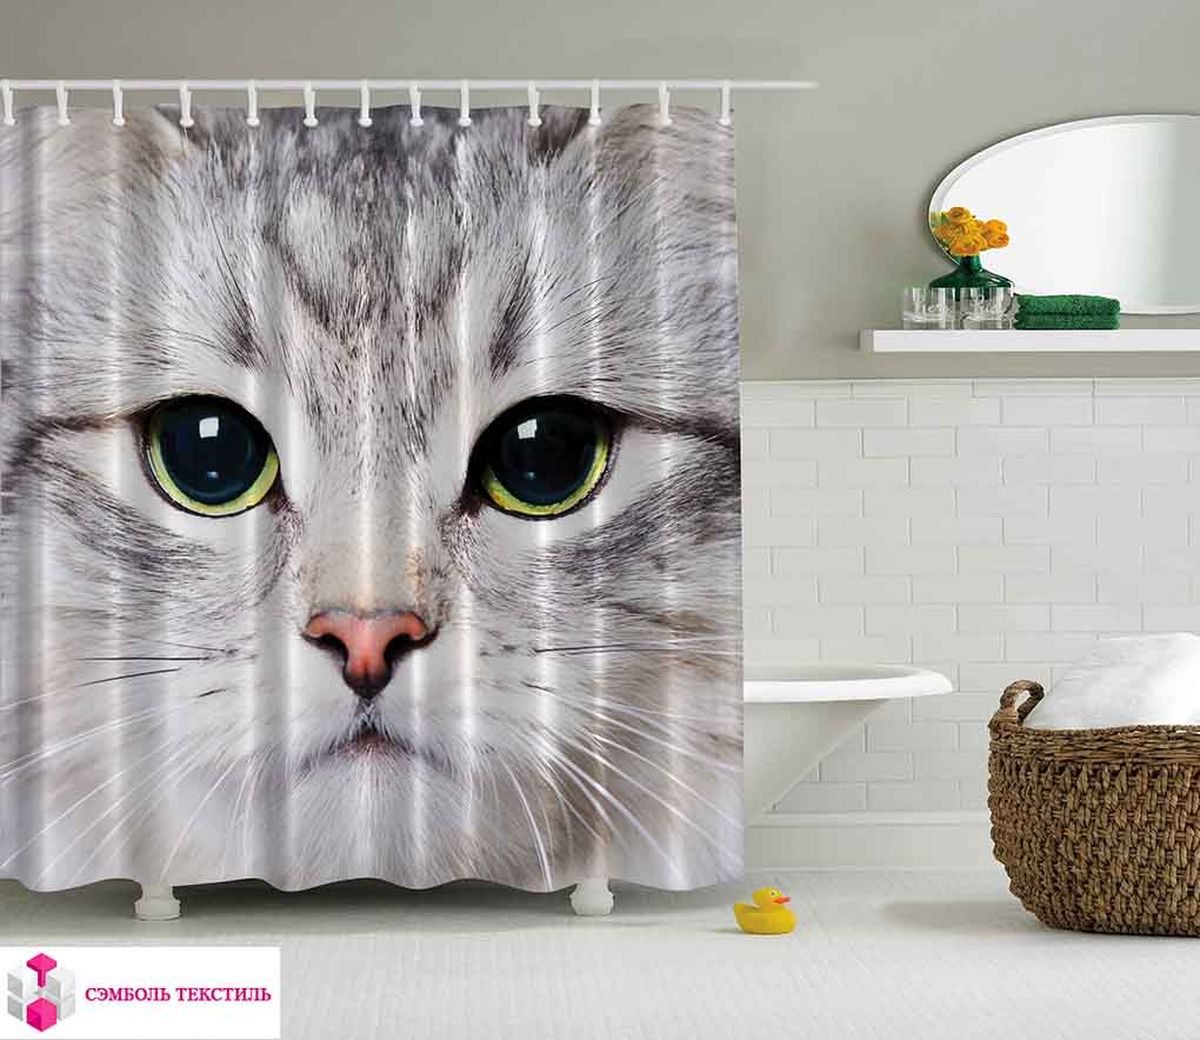 Штора для ванной комнаты Magic Lady Серый кот, 180 х 200 смшв_2736Штора Magic Lady Серый кот, изготовленная из высококачественного сатена (полиэстер 100%), отлично дополнит любой интерьер ванной комнаты. При изготовлении используются специальные гипоаллергенные чернила для прямой печати по ткани, безопасные для человека.В комплекте: 1 штора, 12 крючков. Обращаем ваше внимание, фактический цвет изделия может незначительно отличаться от представленного на фото.